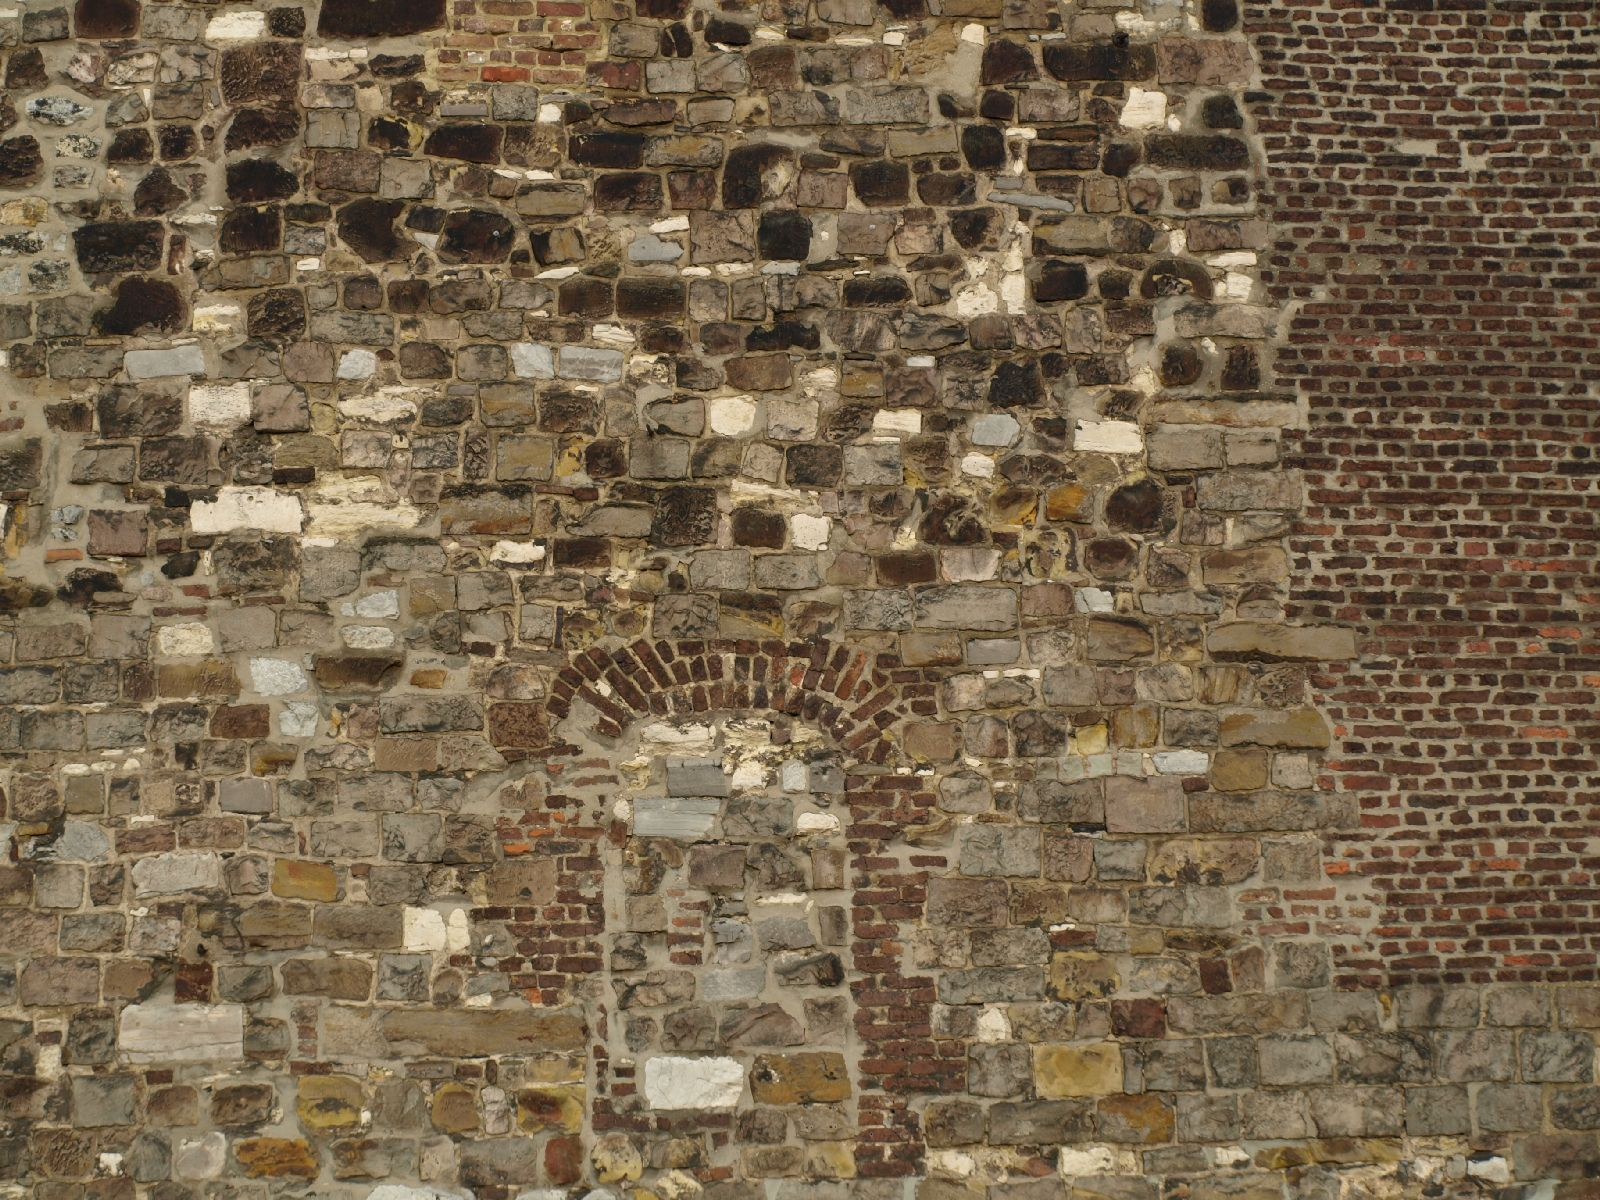 Brick_Texture_A_P1249822